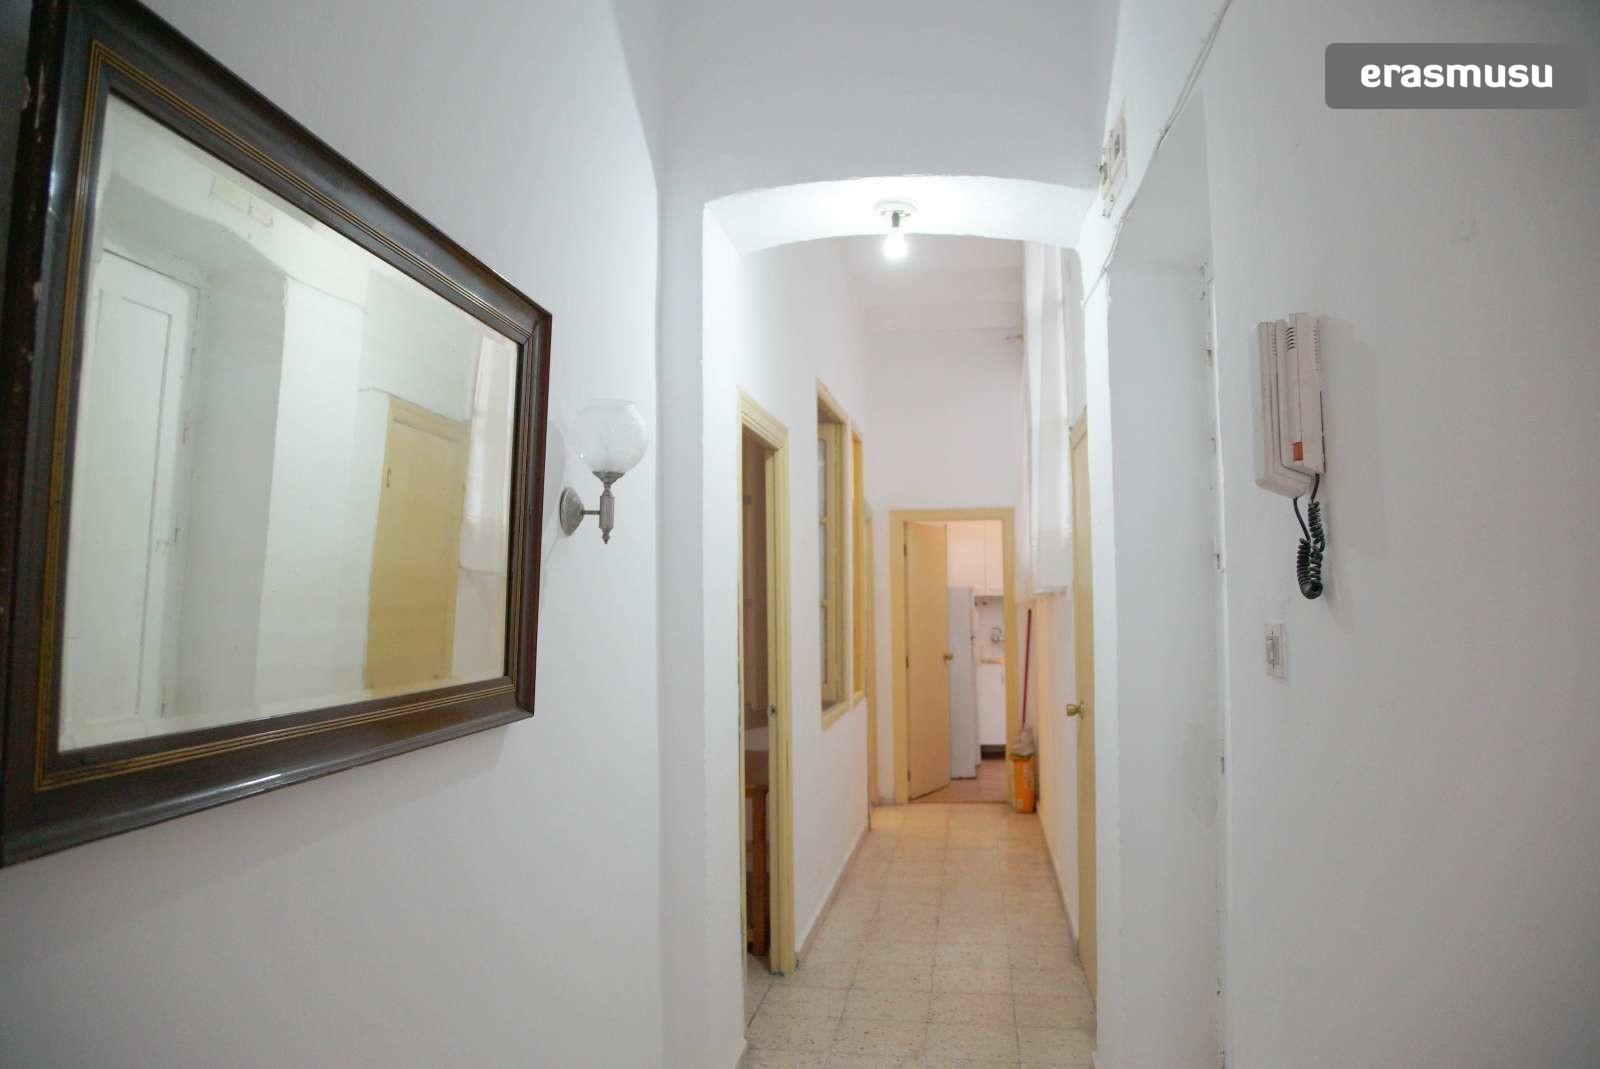 Calle Cardenal Spínola,  41002 Sevilla